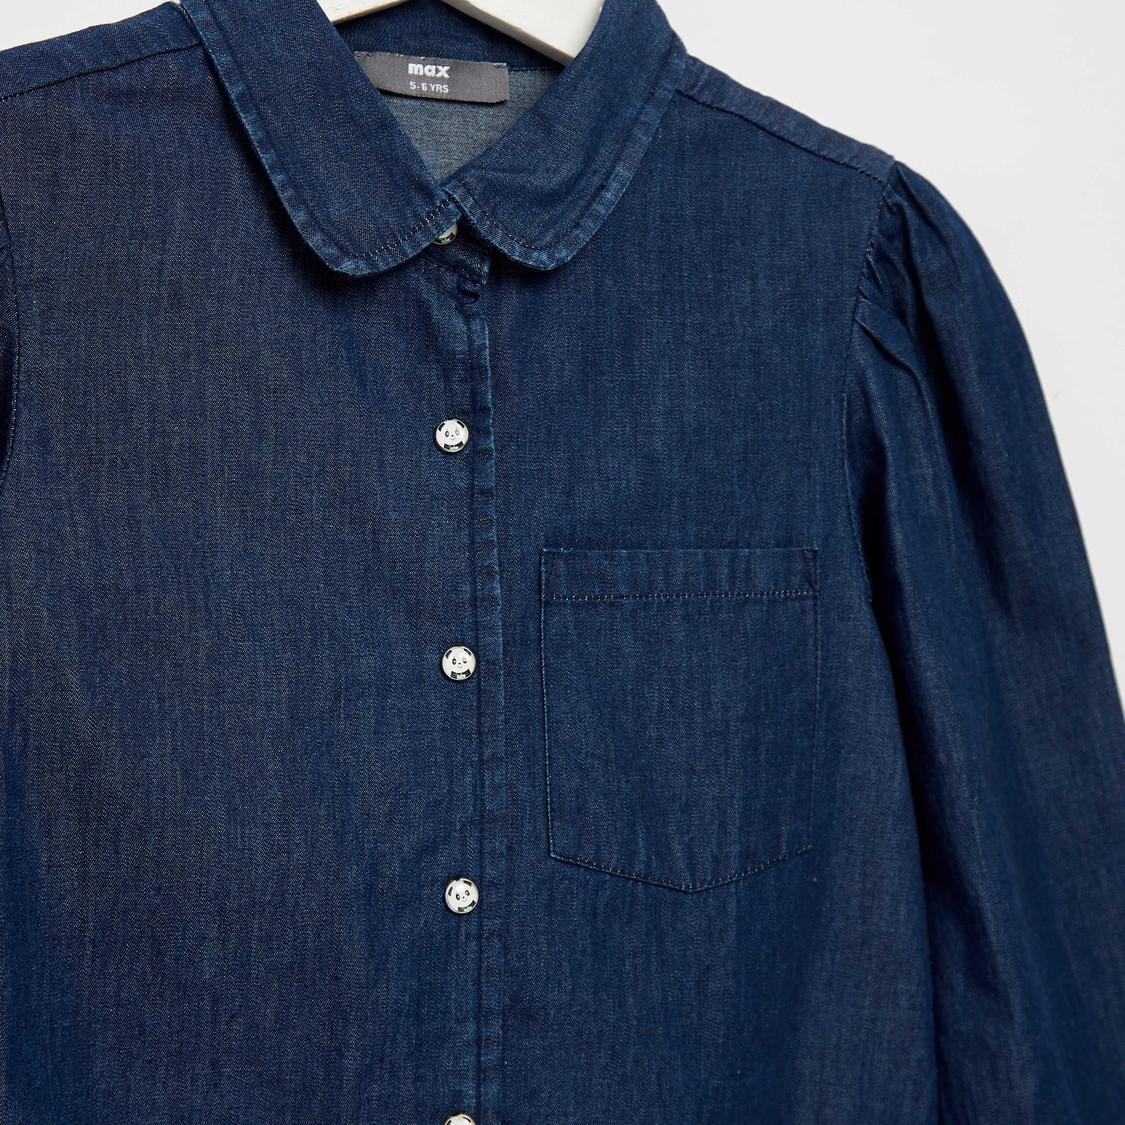 قميص دينم سادة بأكمام طويلة وتفاصيل عقدة وزر إغلاق